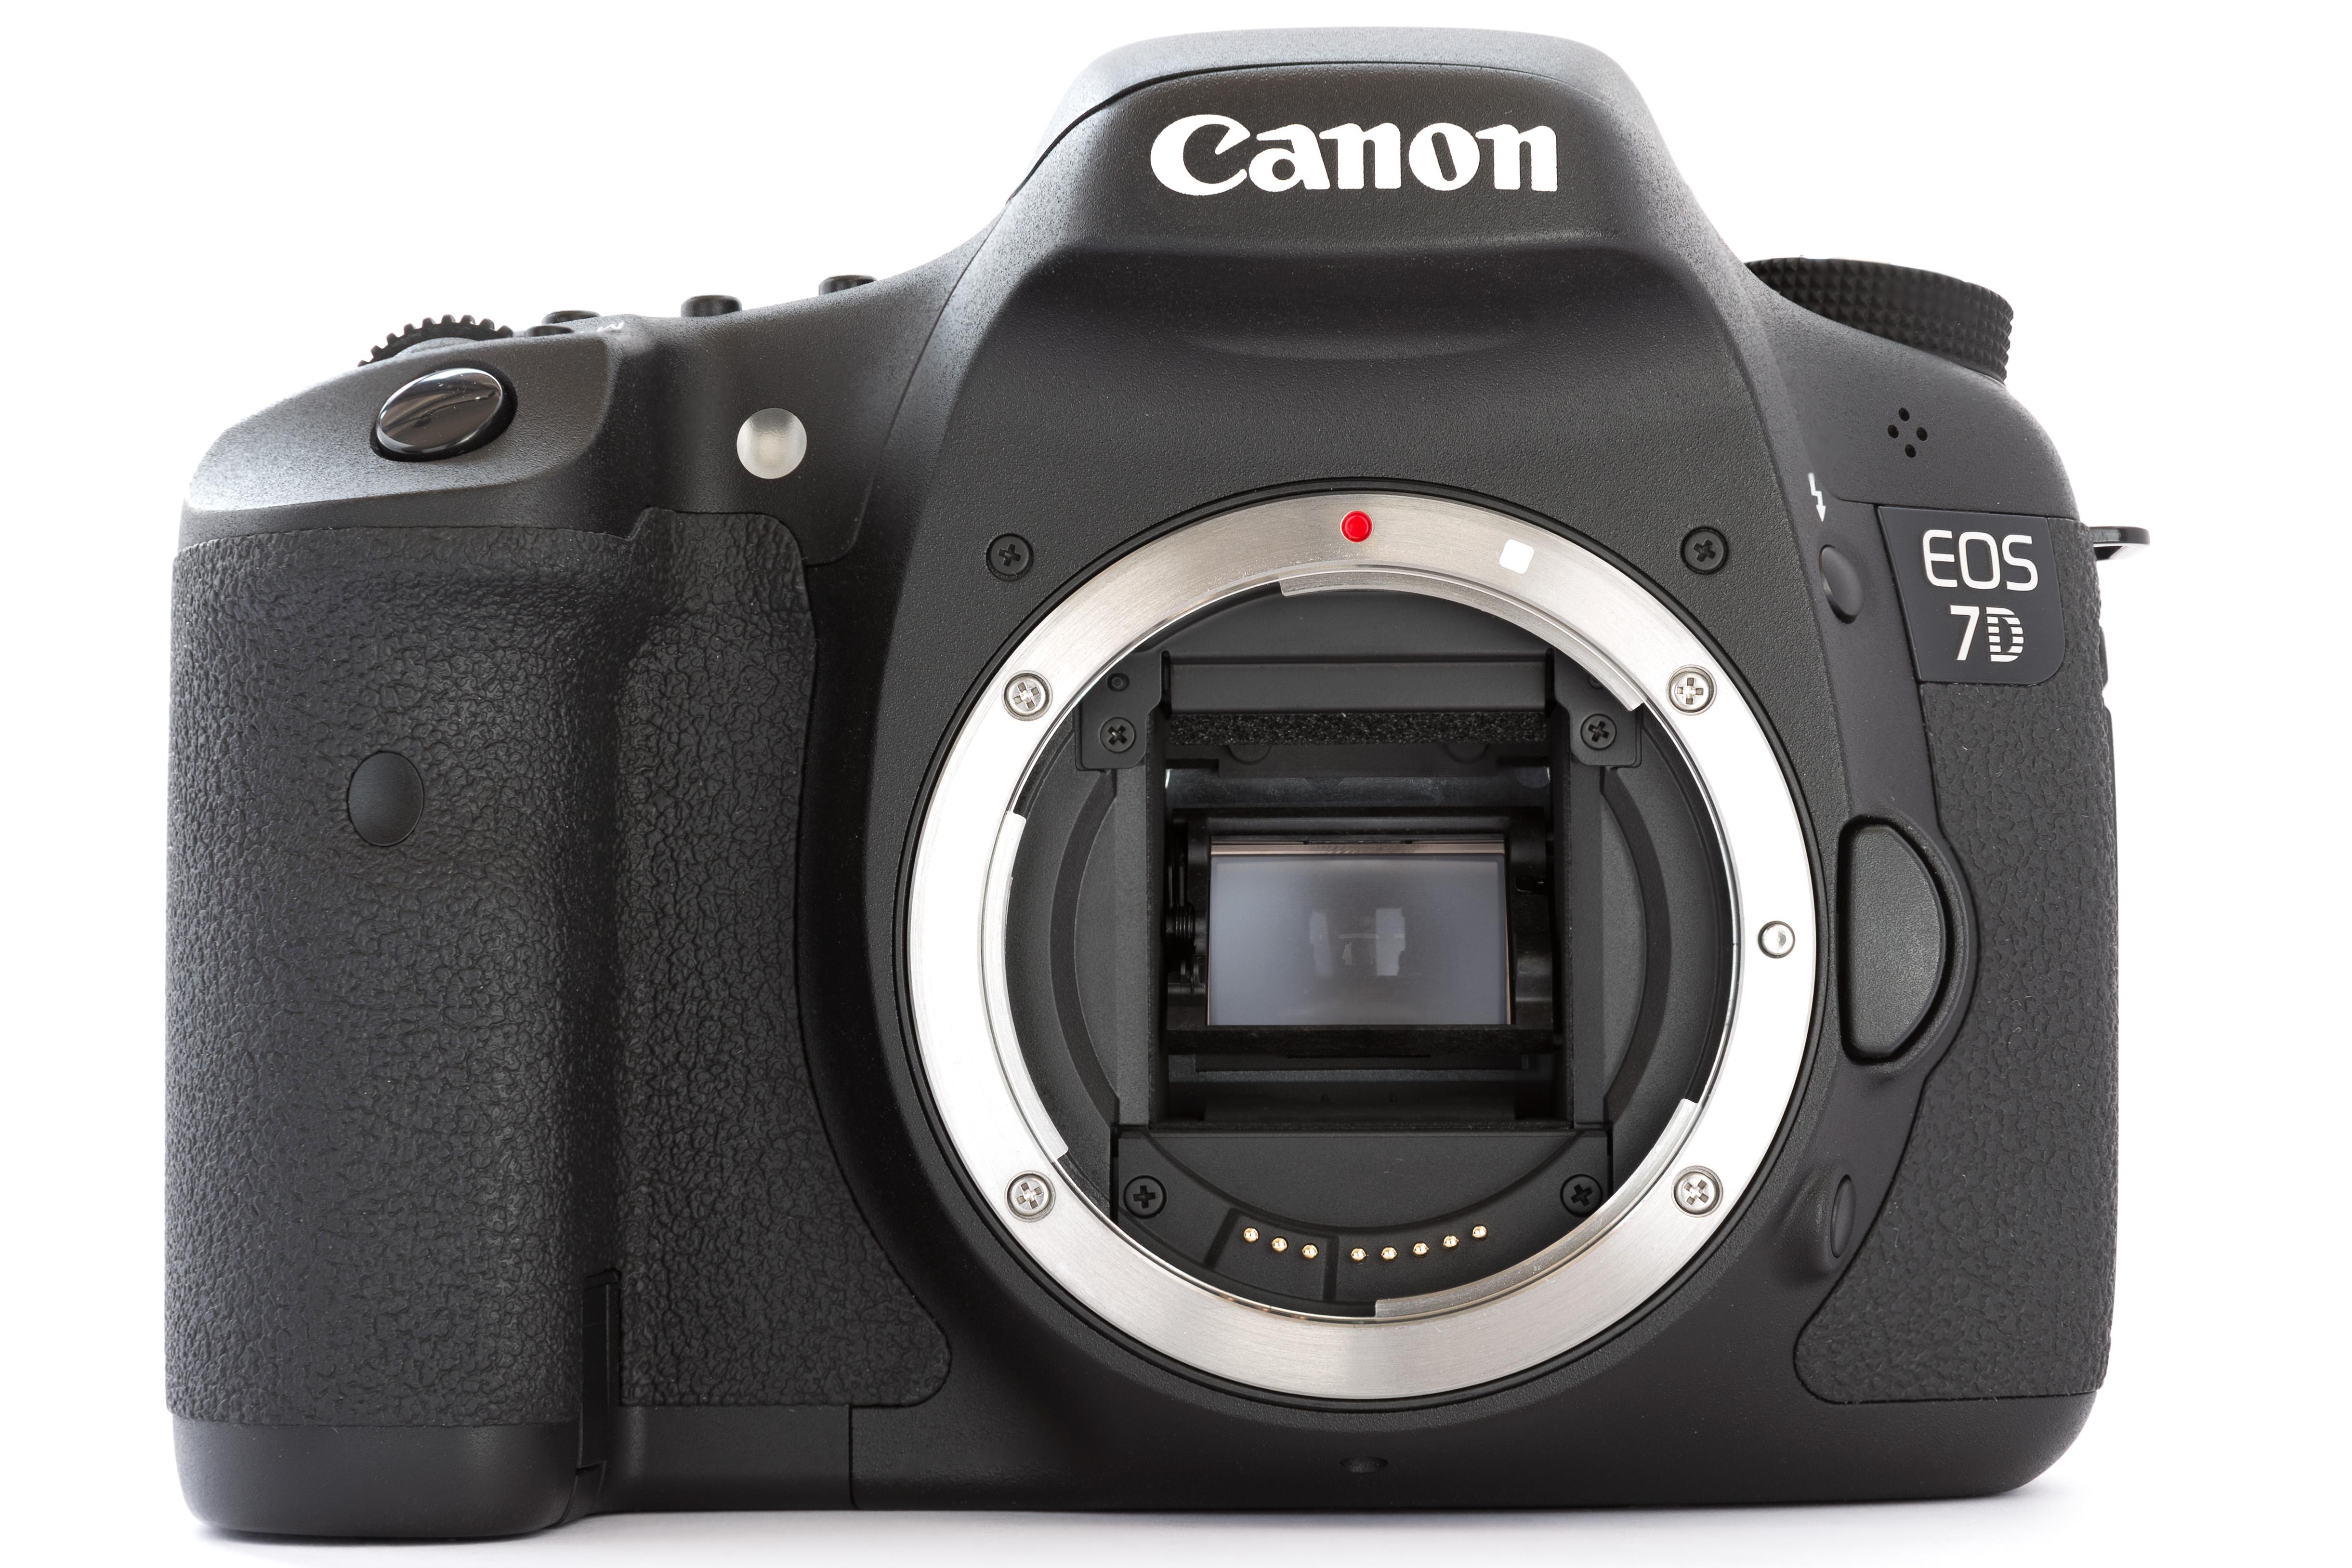 Canon EOS 7D - Wikipedia